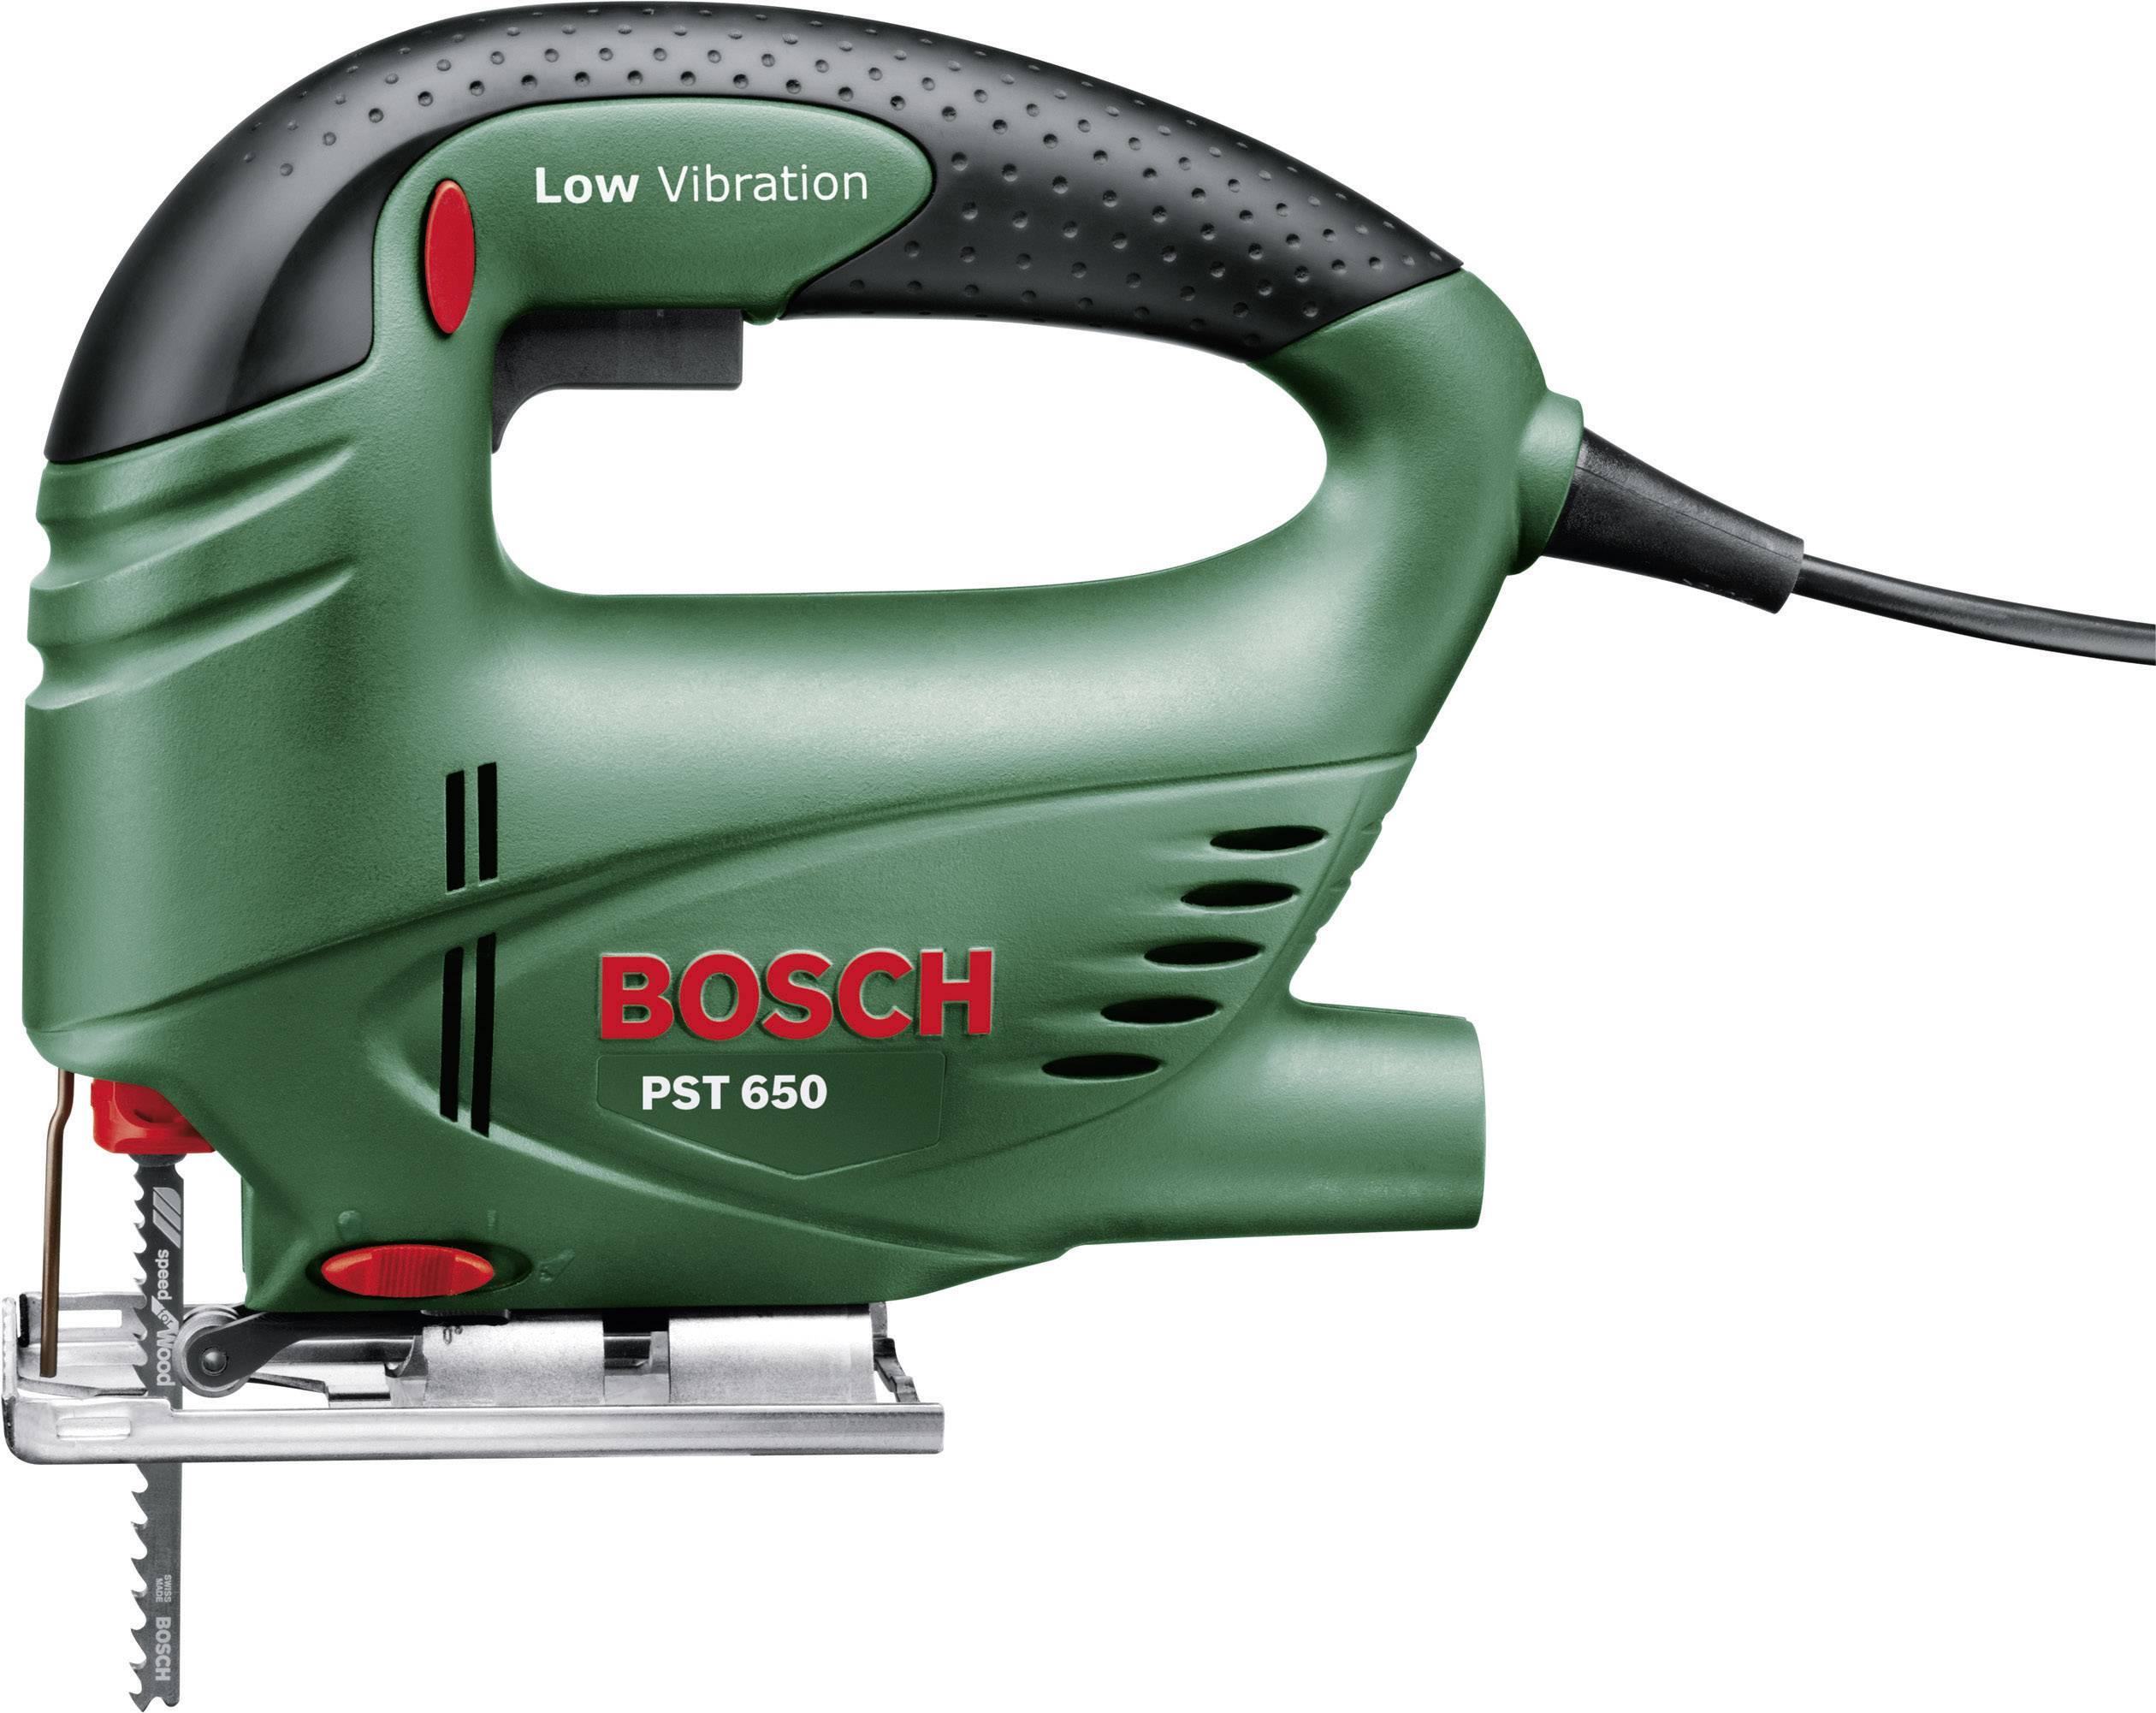 Bosch Home and Garden PST 650